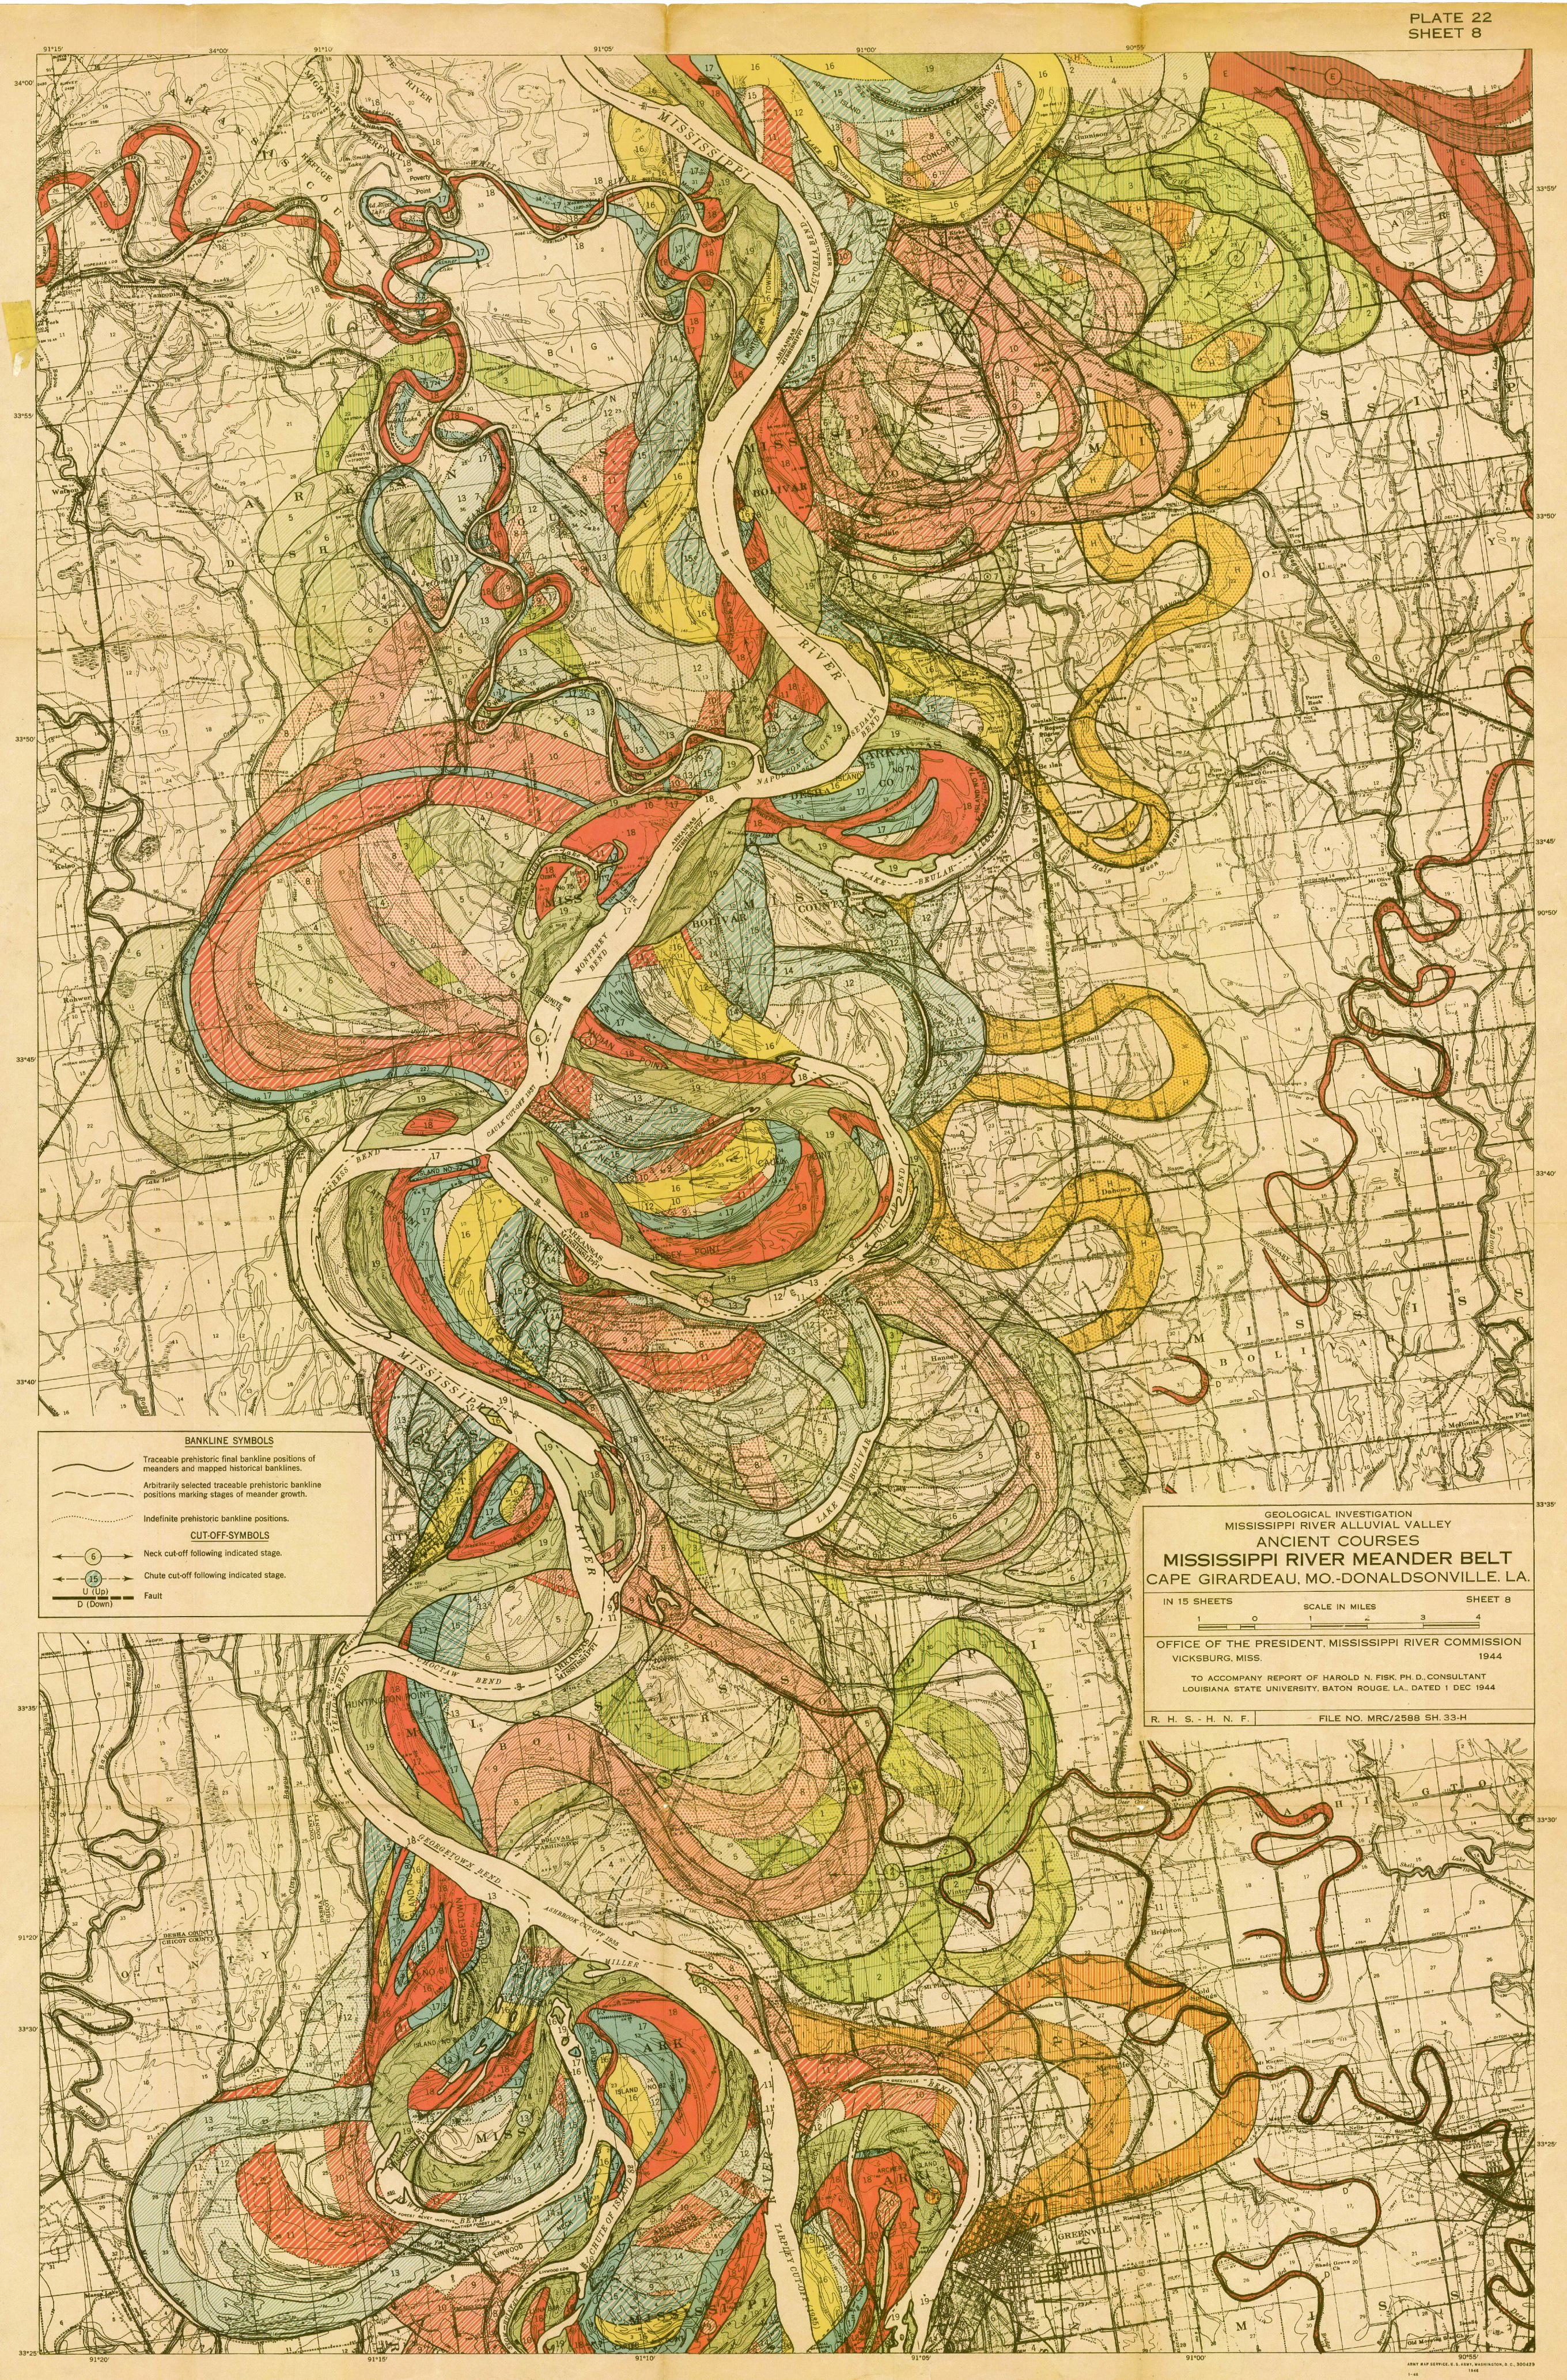 Mississippi river meander belt cape giradeau mo–donaldsonville